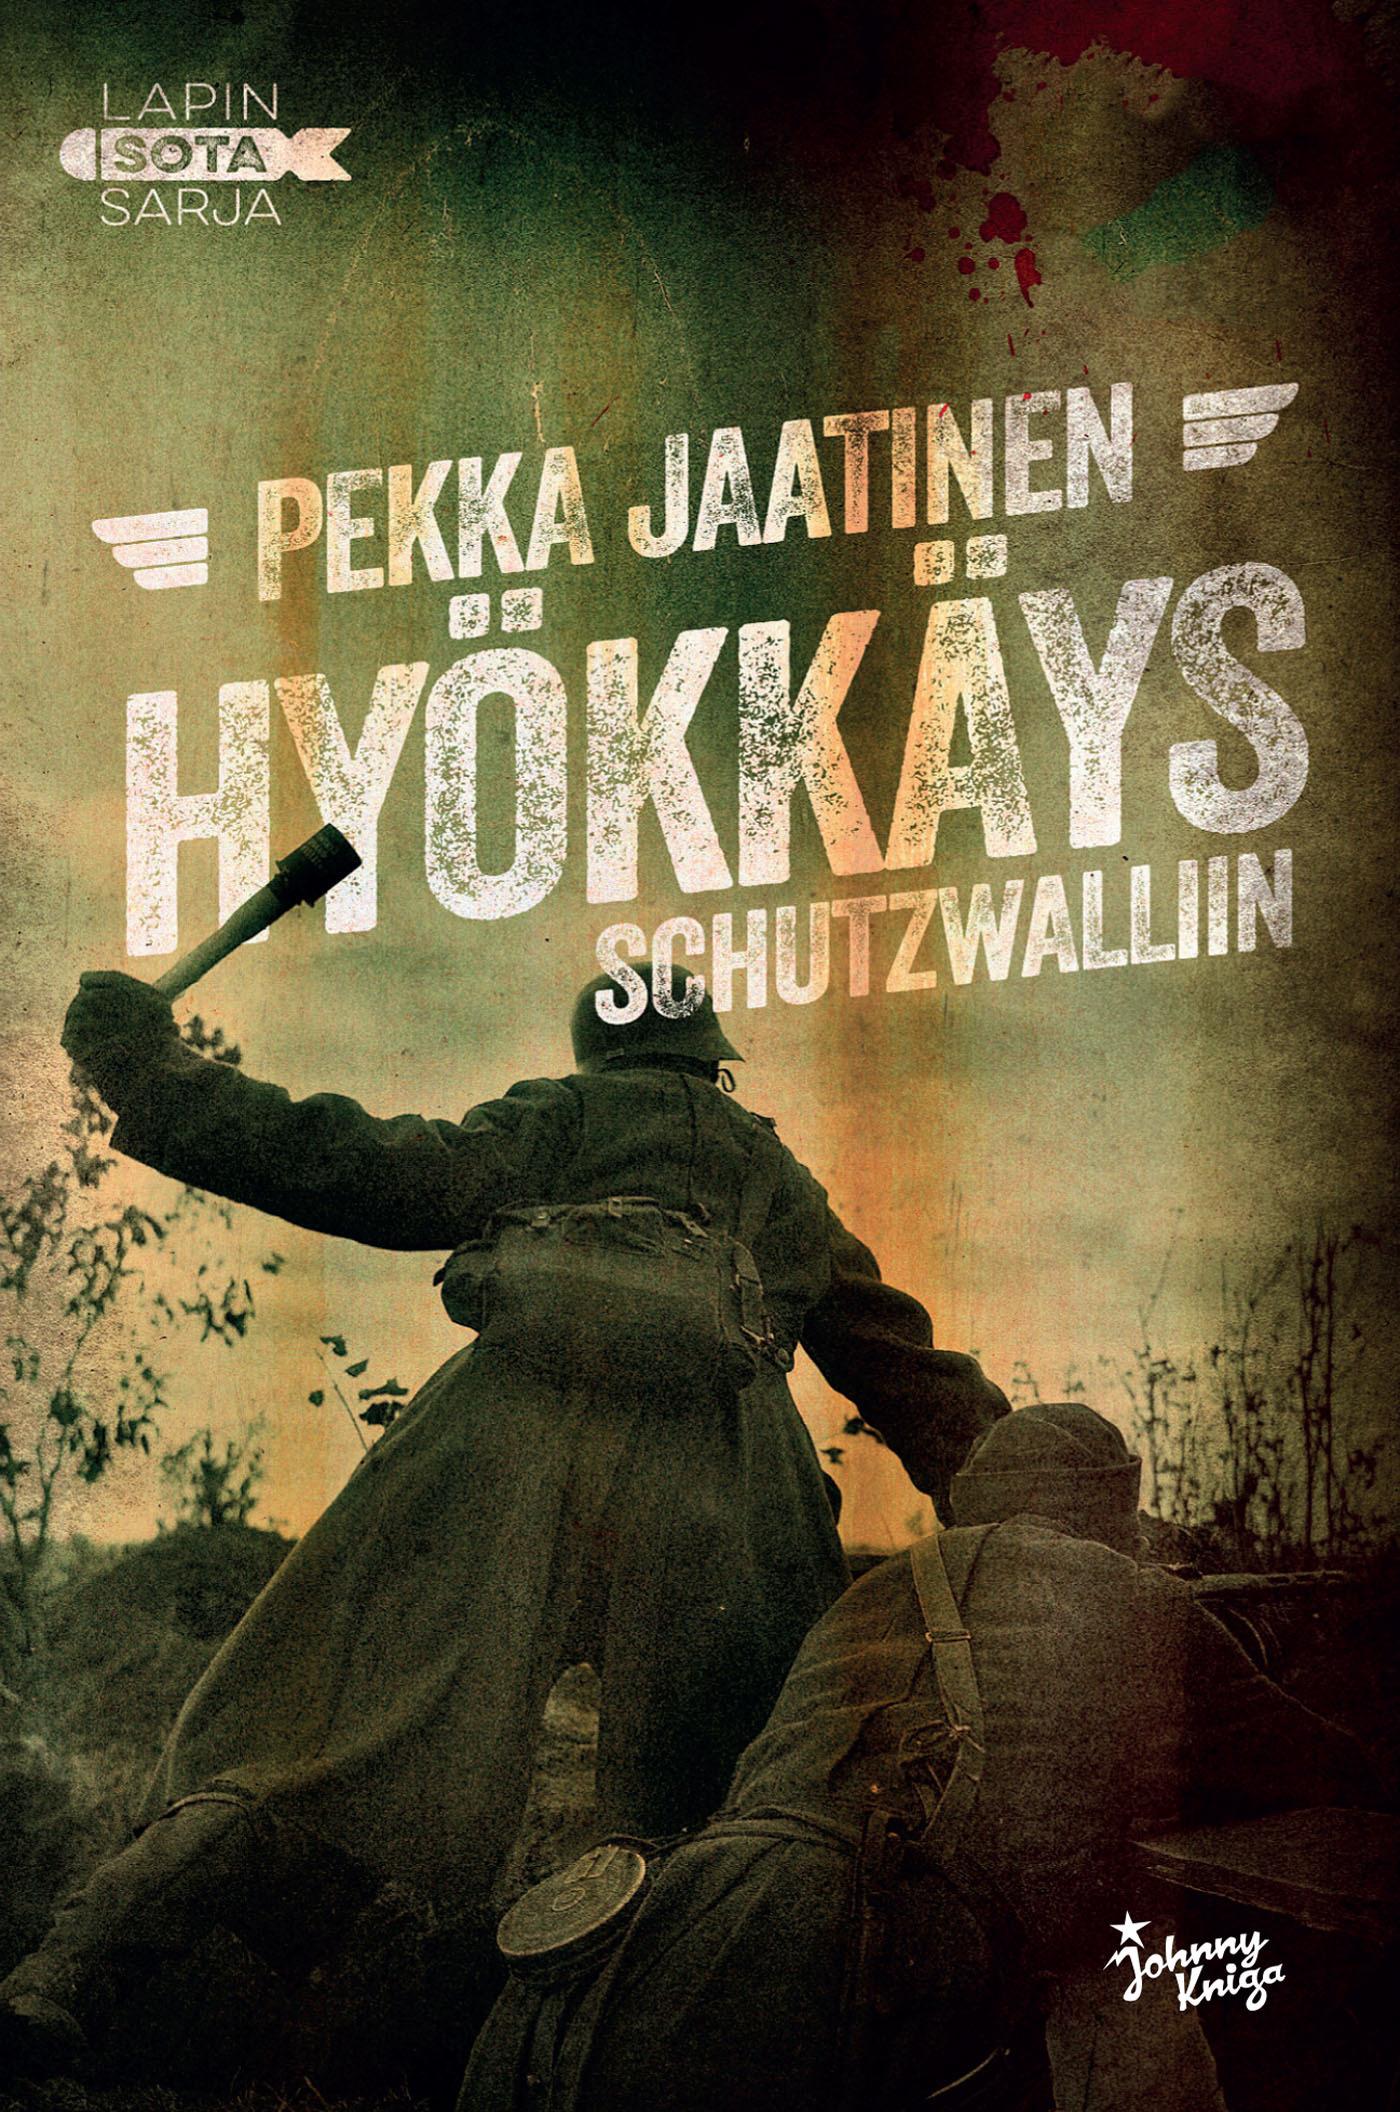 Jaatinen, Pekka - Hyökkäys Schutzwalliin: Lapin sota 5, e-kirja